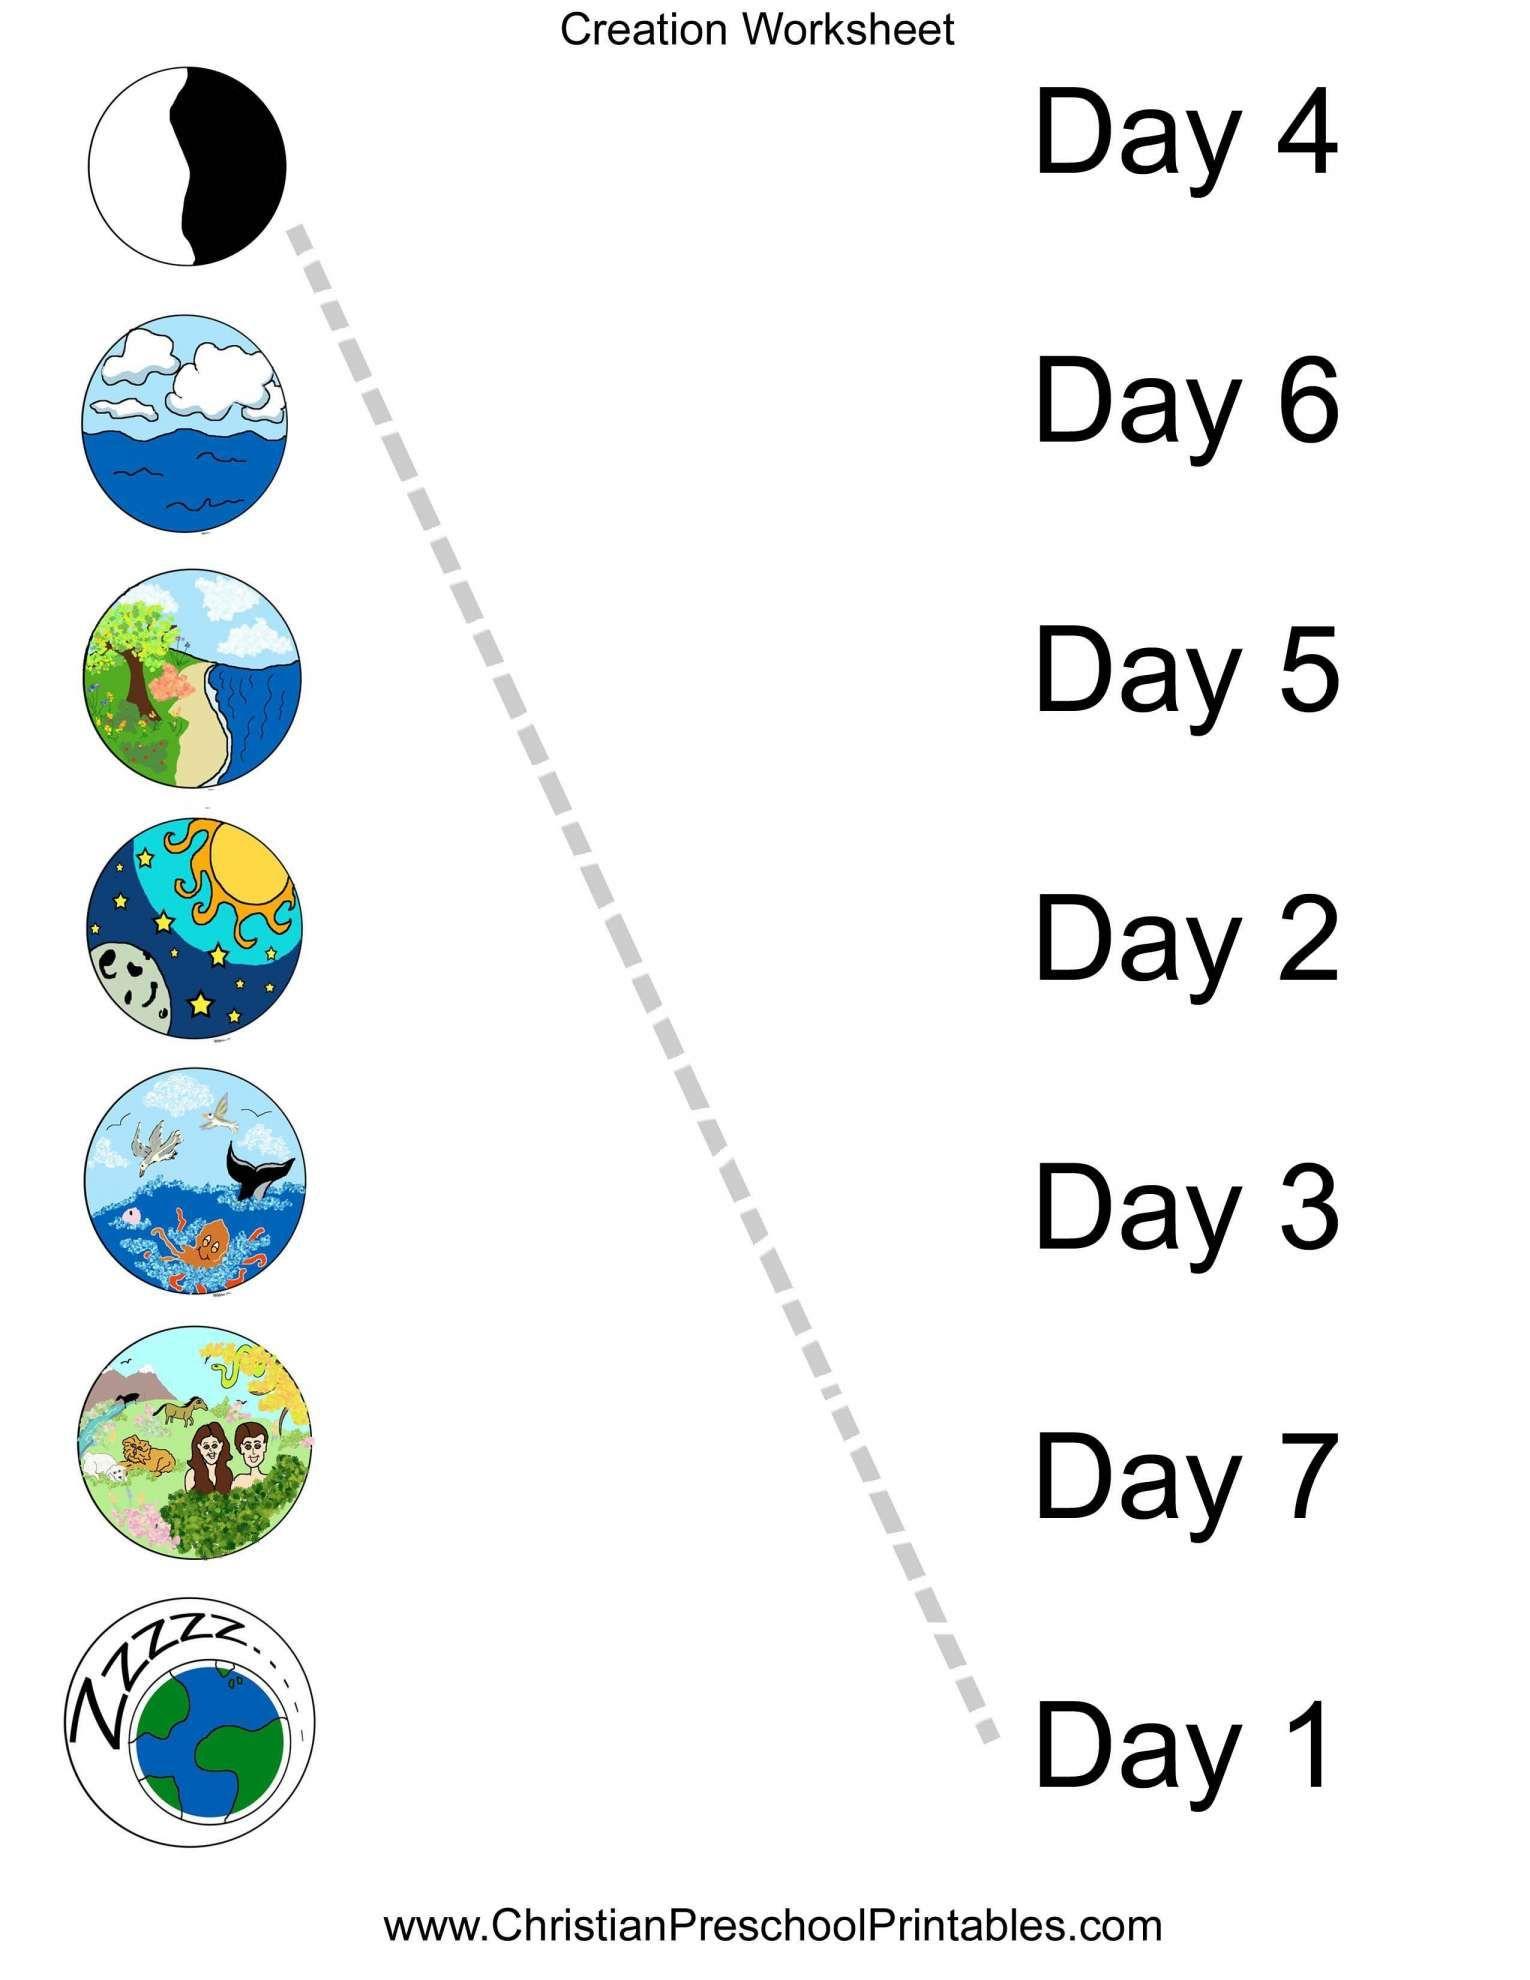 11 Creation Worksheet Preschool